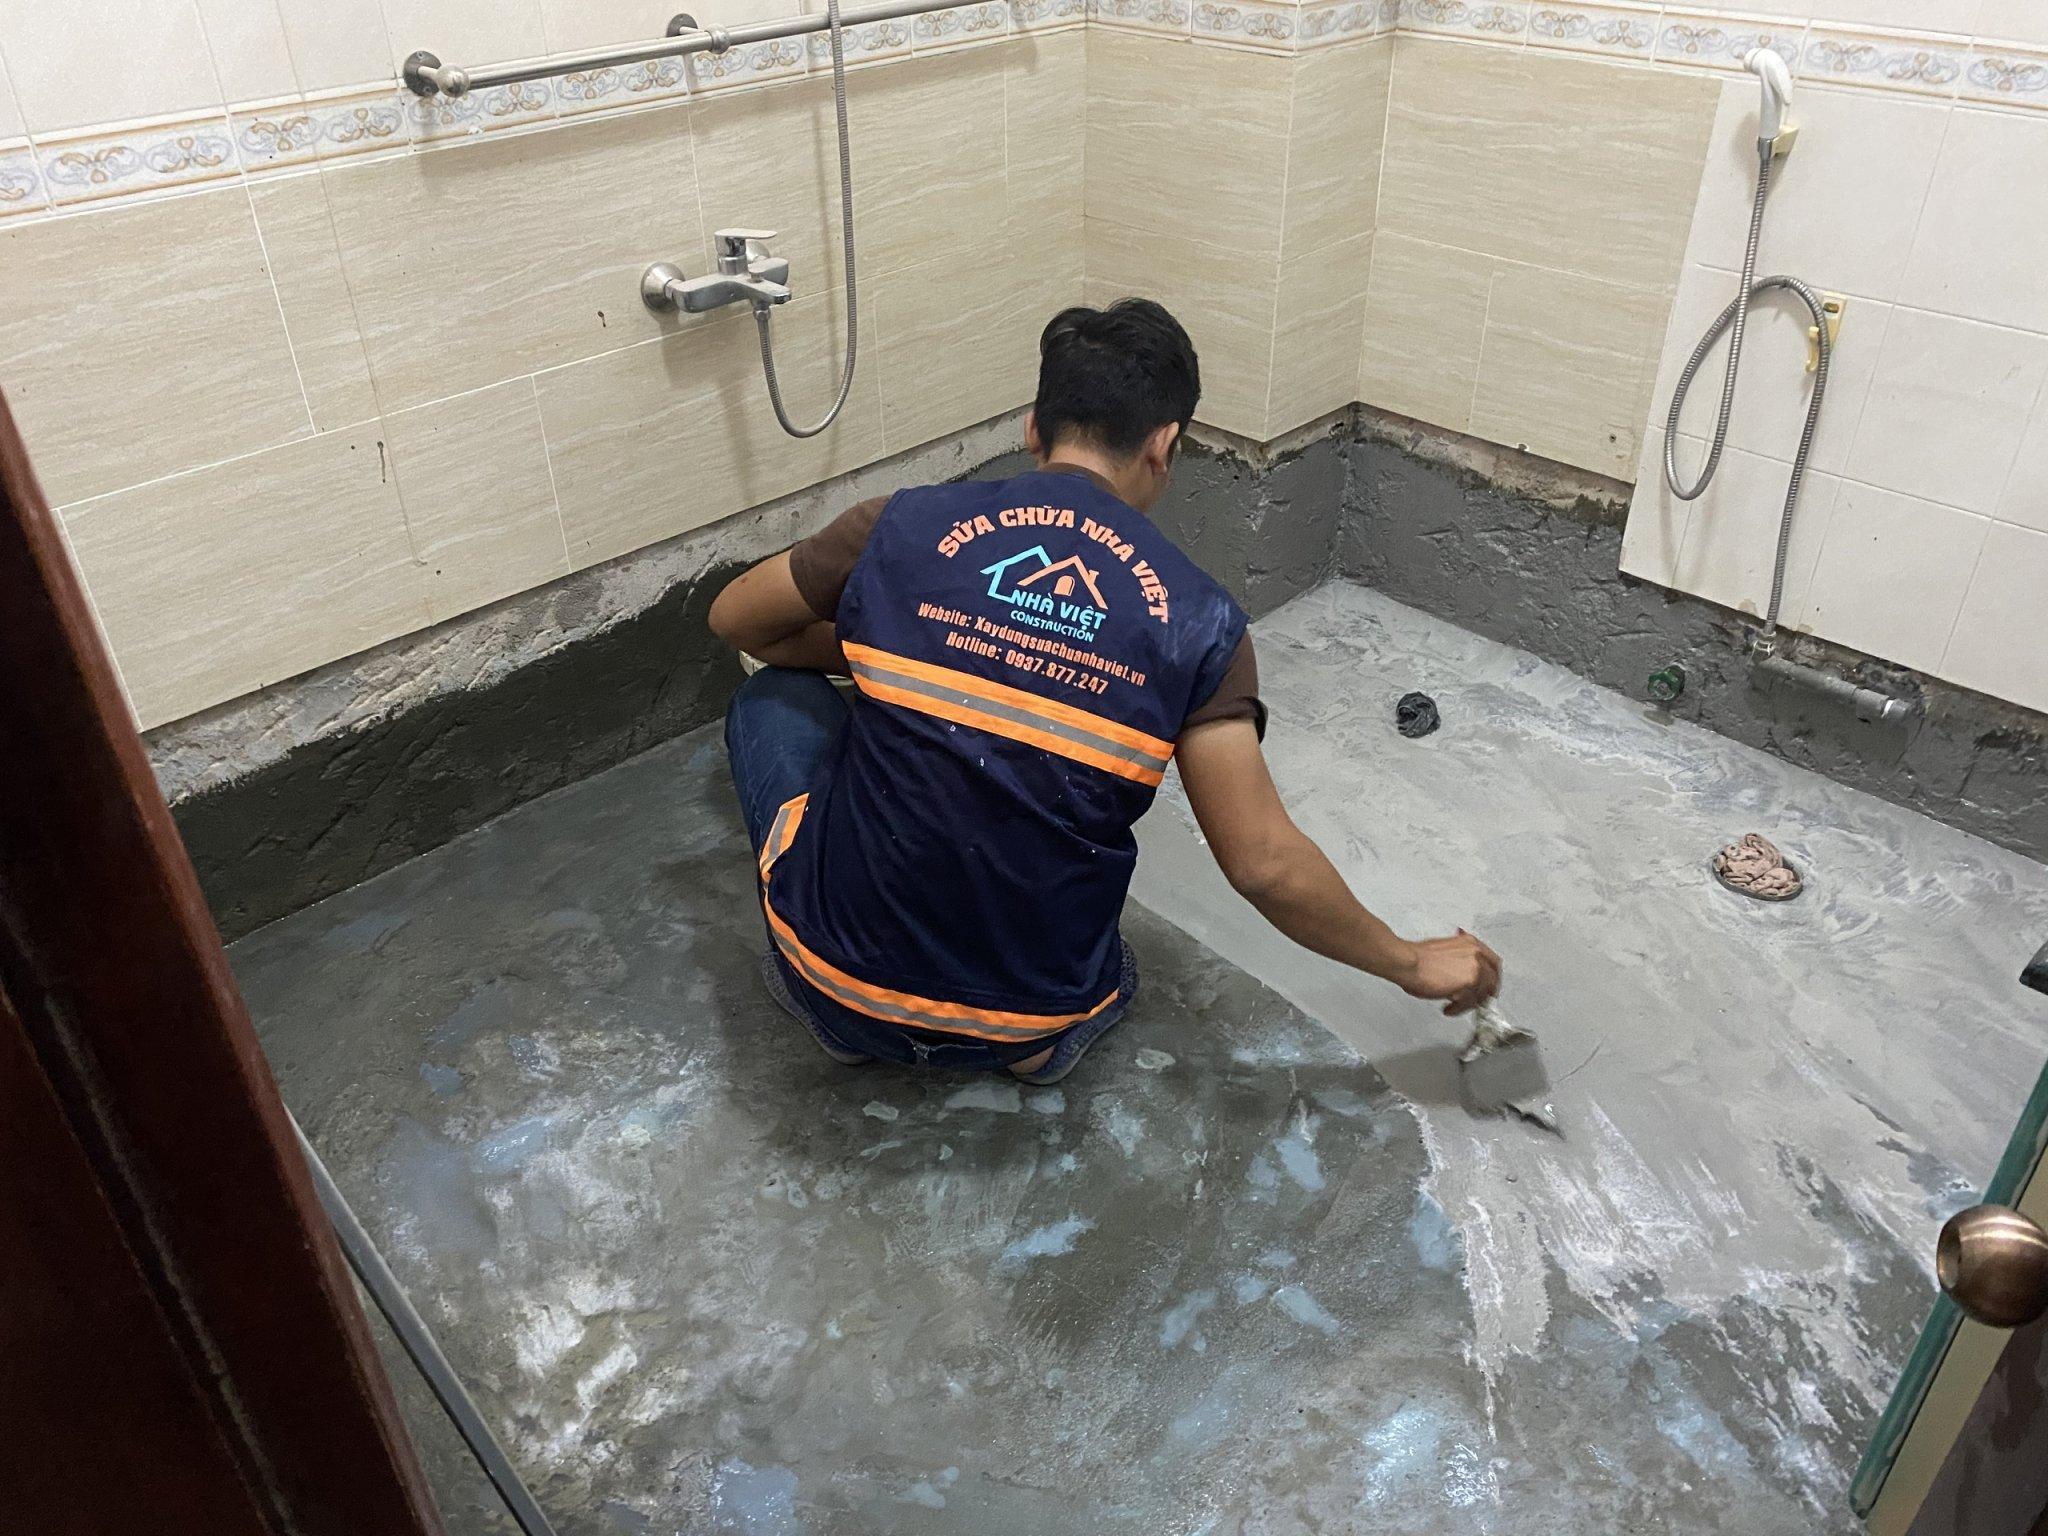 chong tham nha ve sinh chung cu 3 - Chống thấm nhà vệ sinh chung cư uy tín nhất Hồ Chí Minh